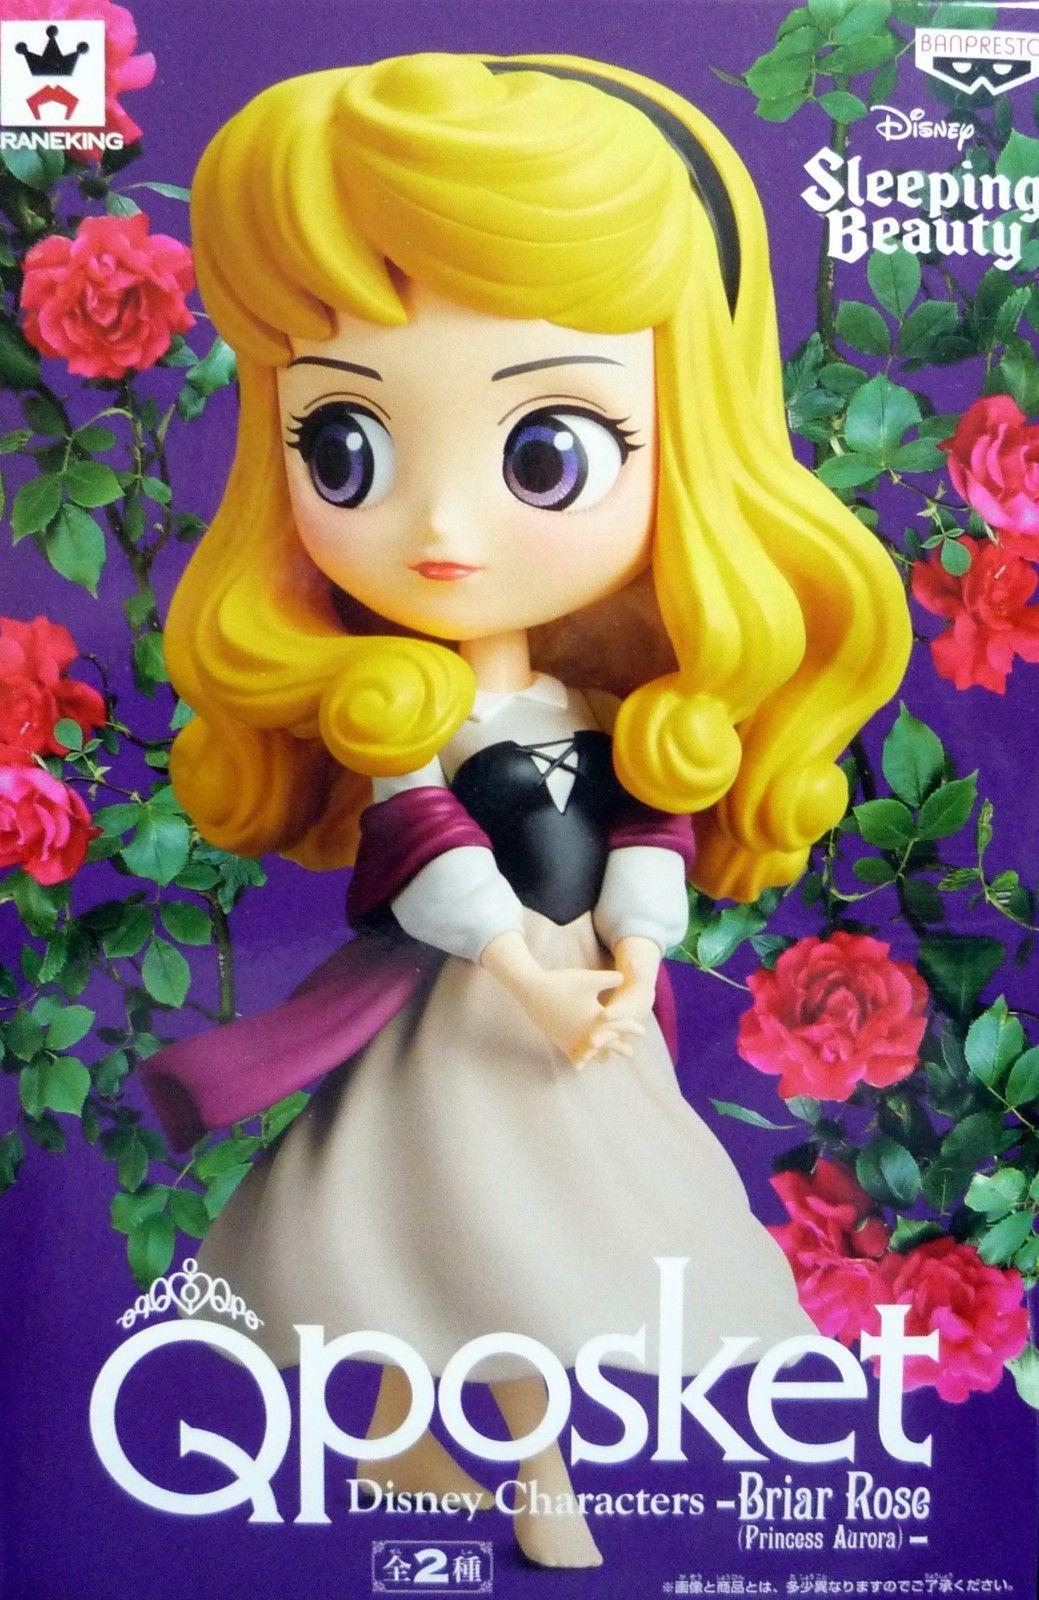 Q Posket Disney Characters - Briar Rose(Princess Aurora) Sort A